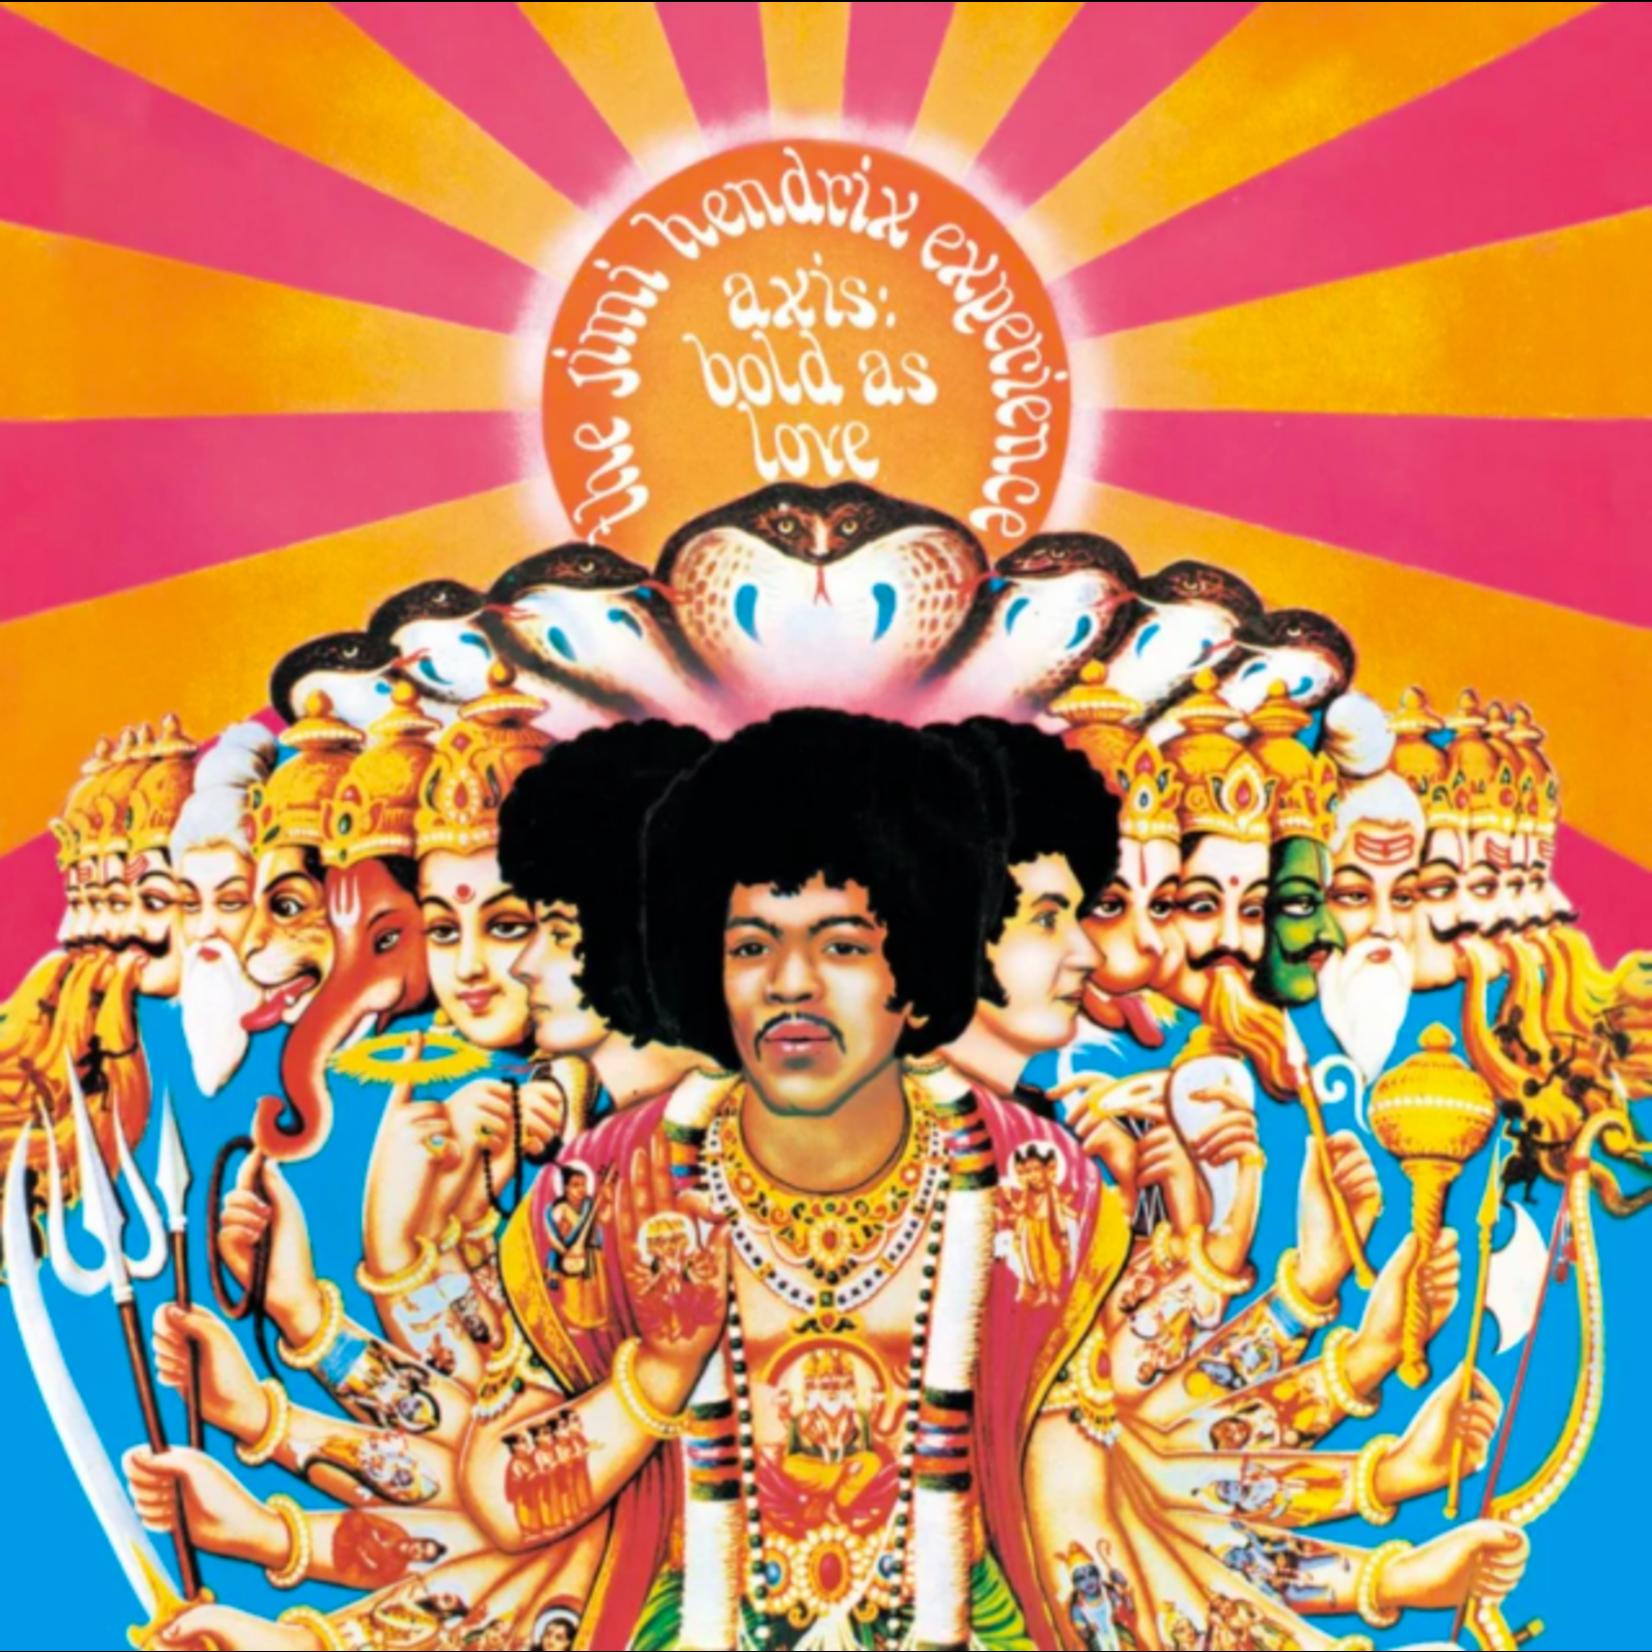 [New] Hendrix, Jimi (Experience): Axis - Bold As Love (mono mix)